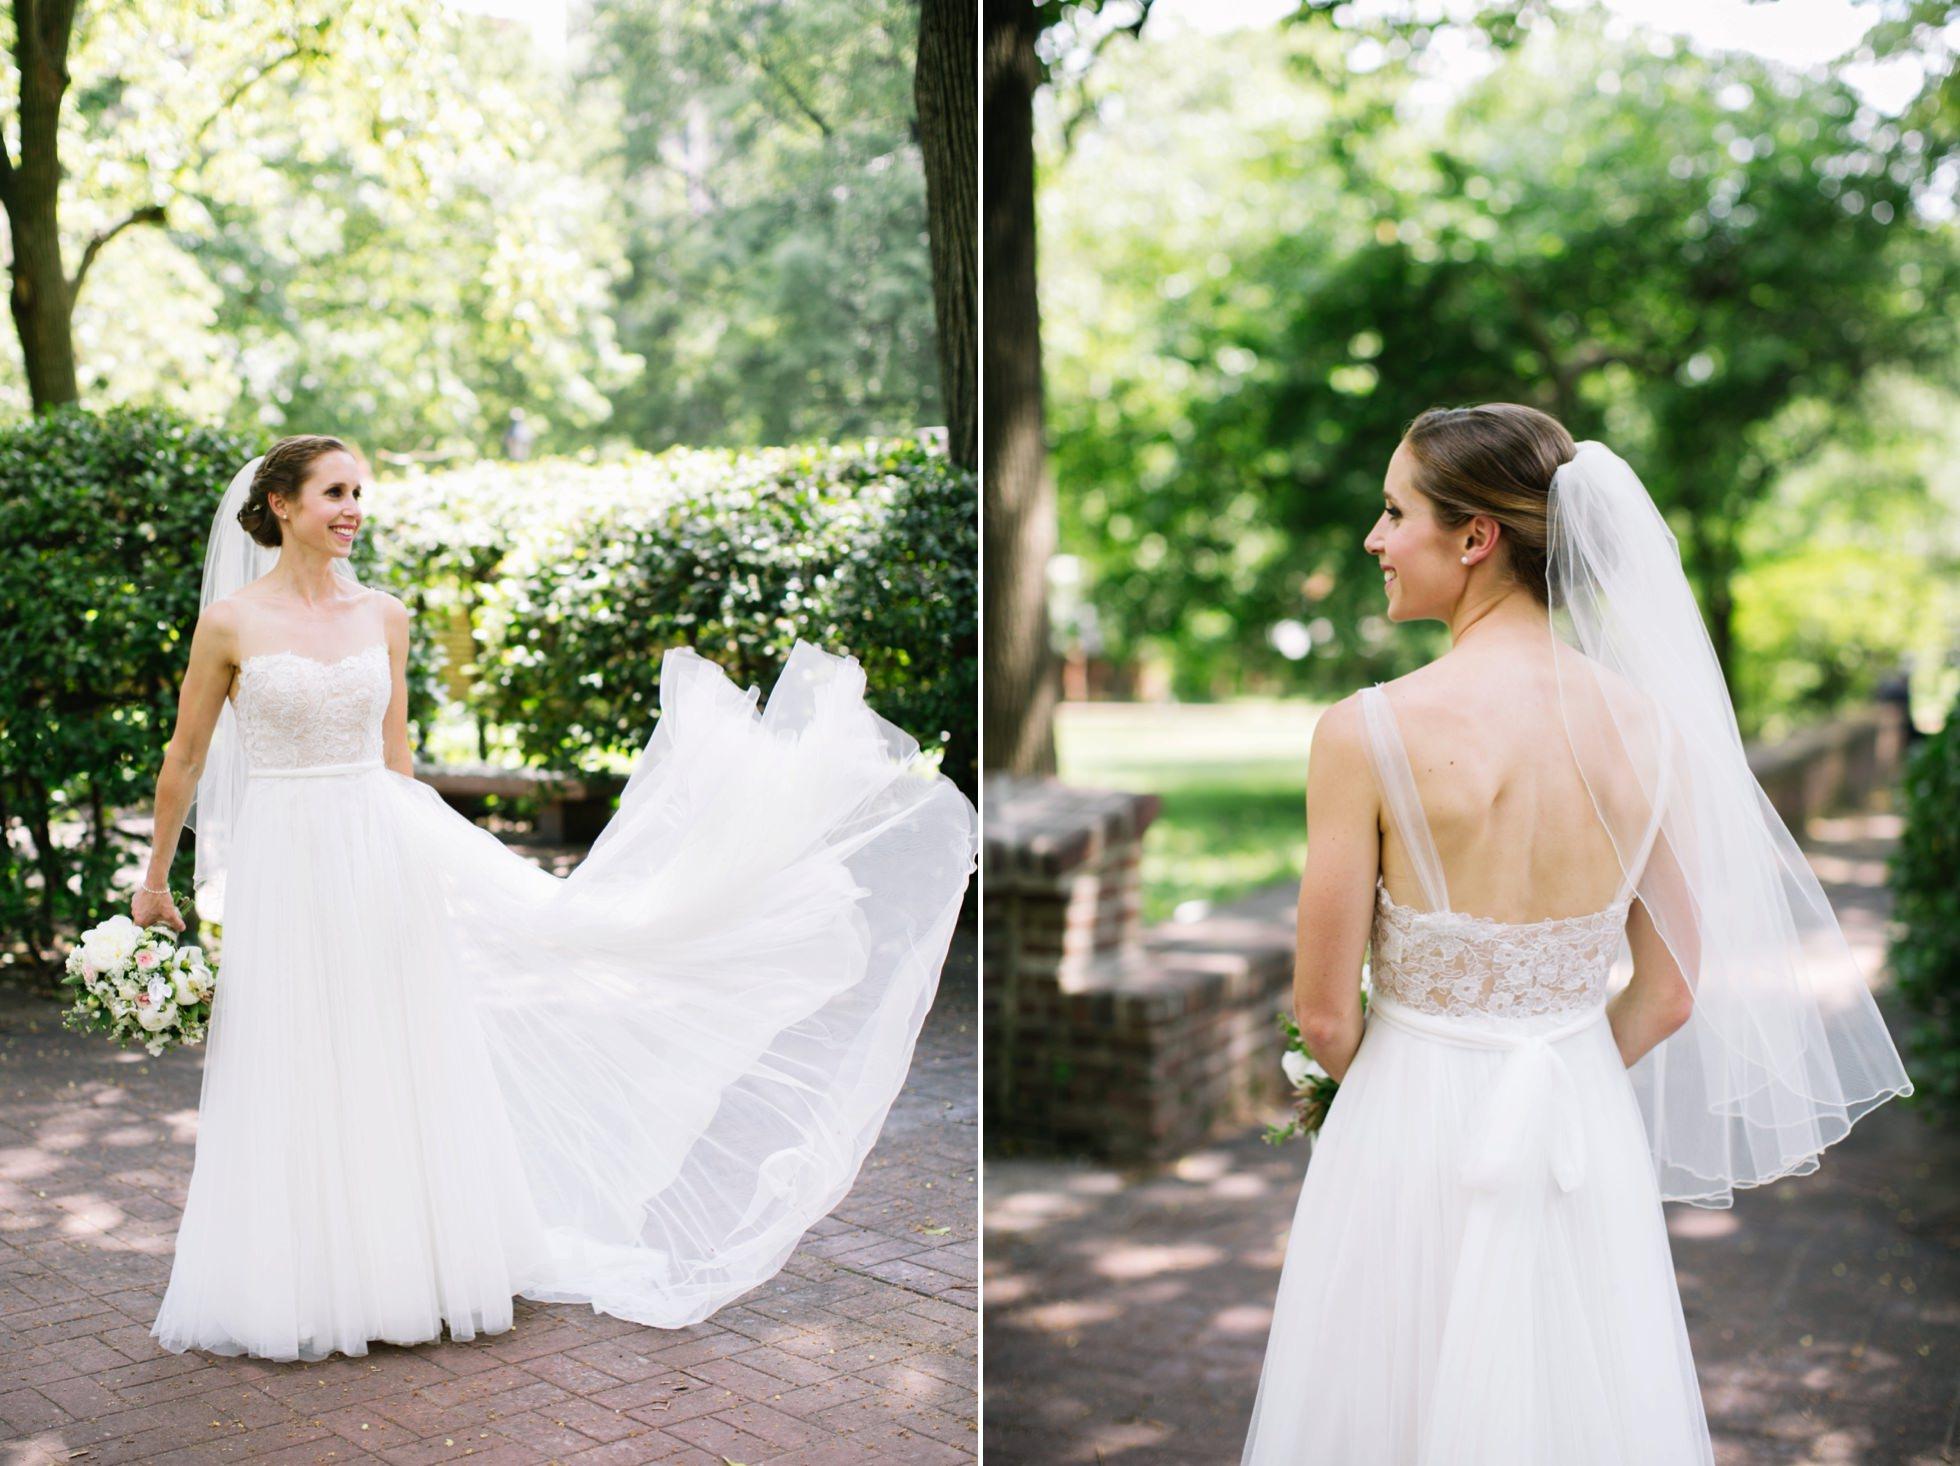 Romantic Bartram's Garden Outdoor Summer Wedding, Philadelphia | brittneyraine.com 033